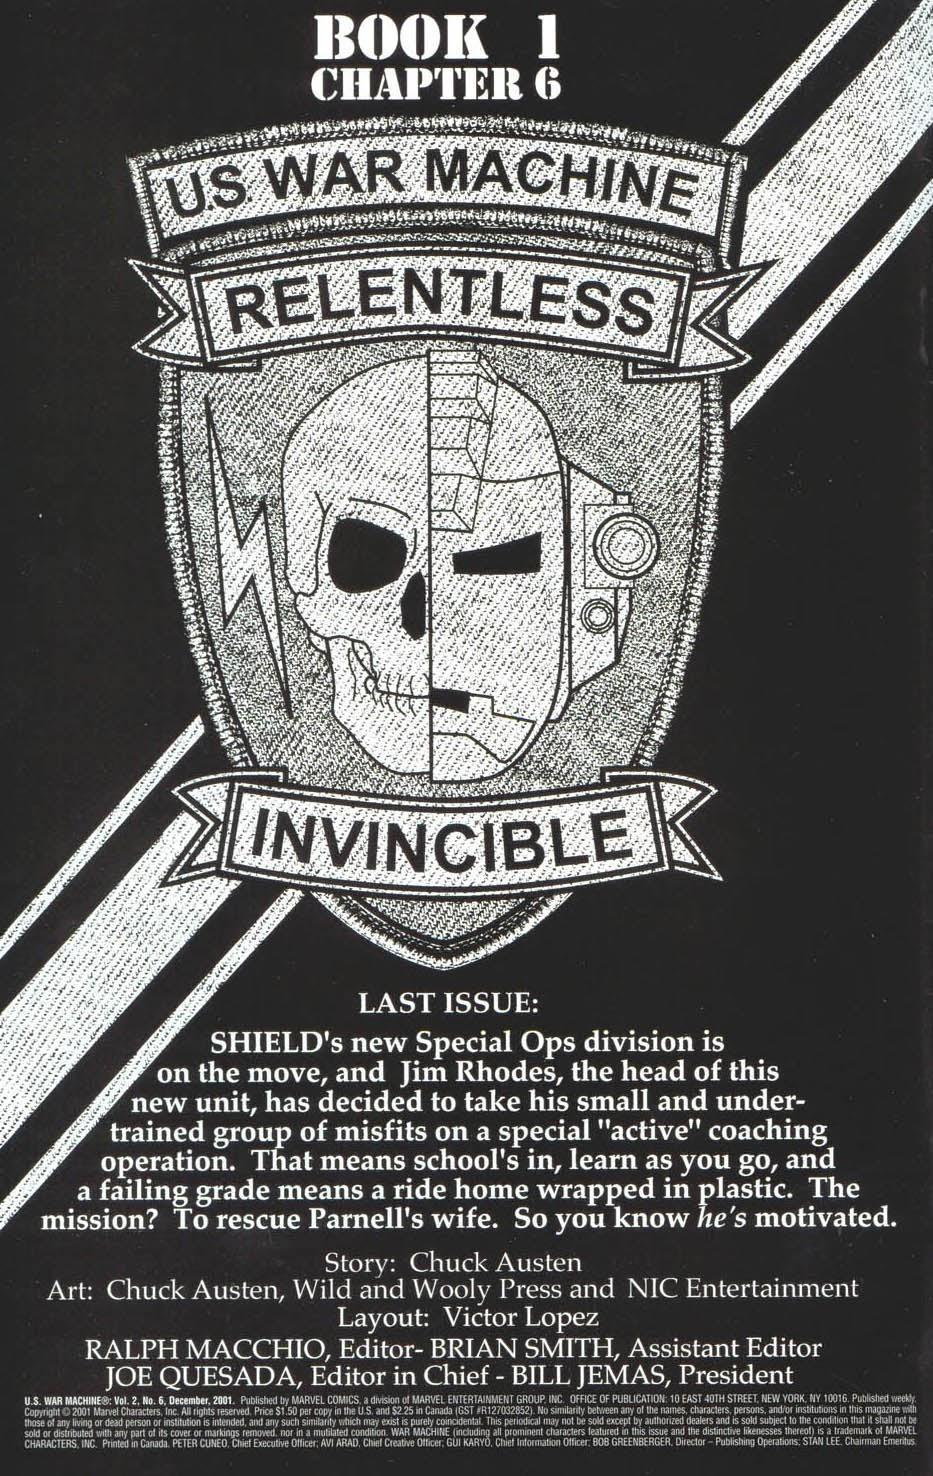 Read online U.S. War Machine comic -  Issue #6 - 3